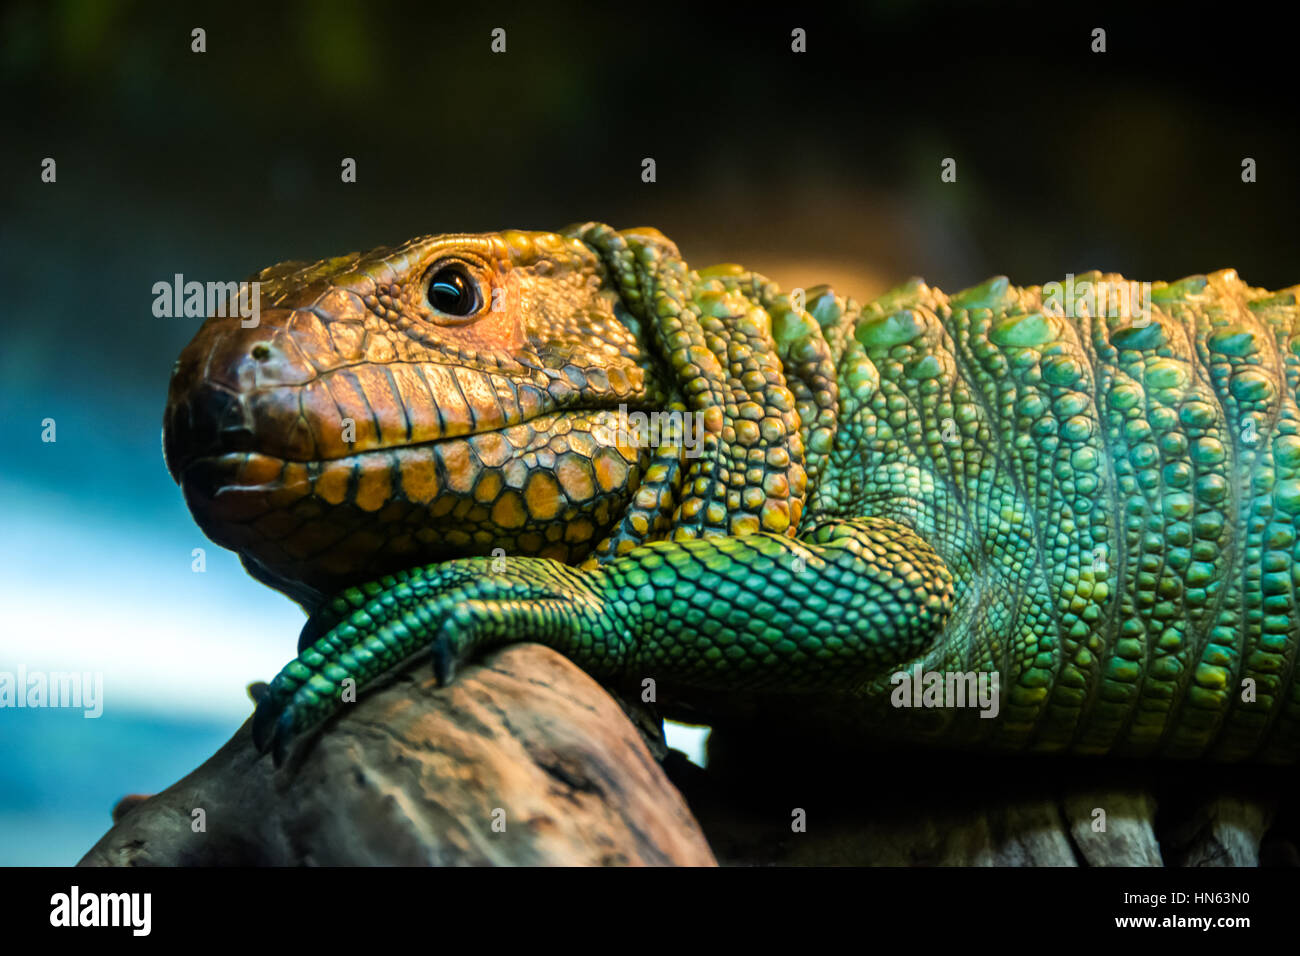 caiman lizard - Stock Image